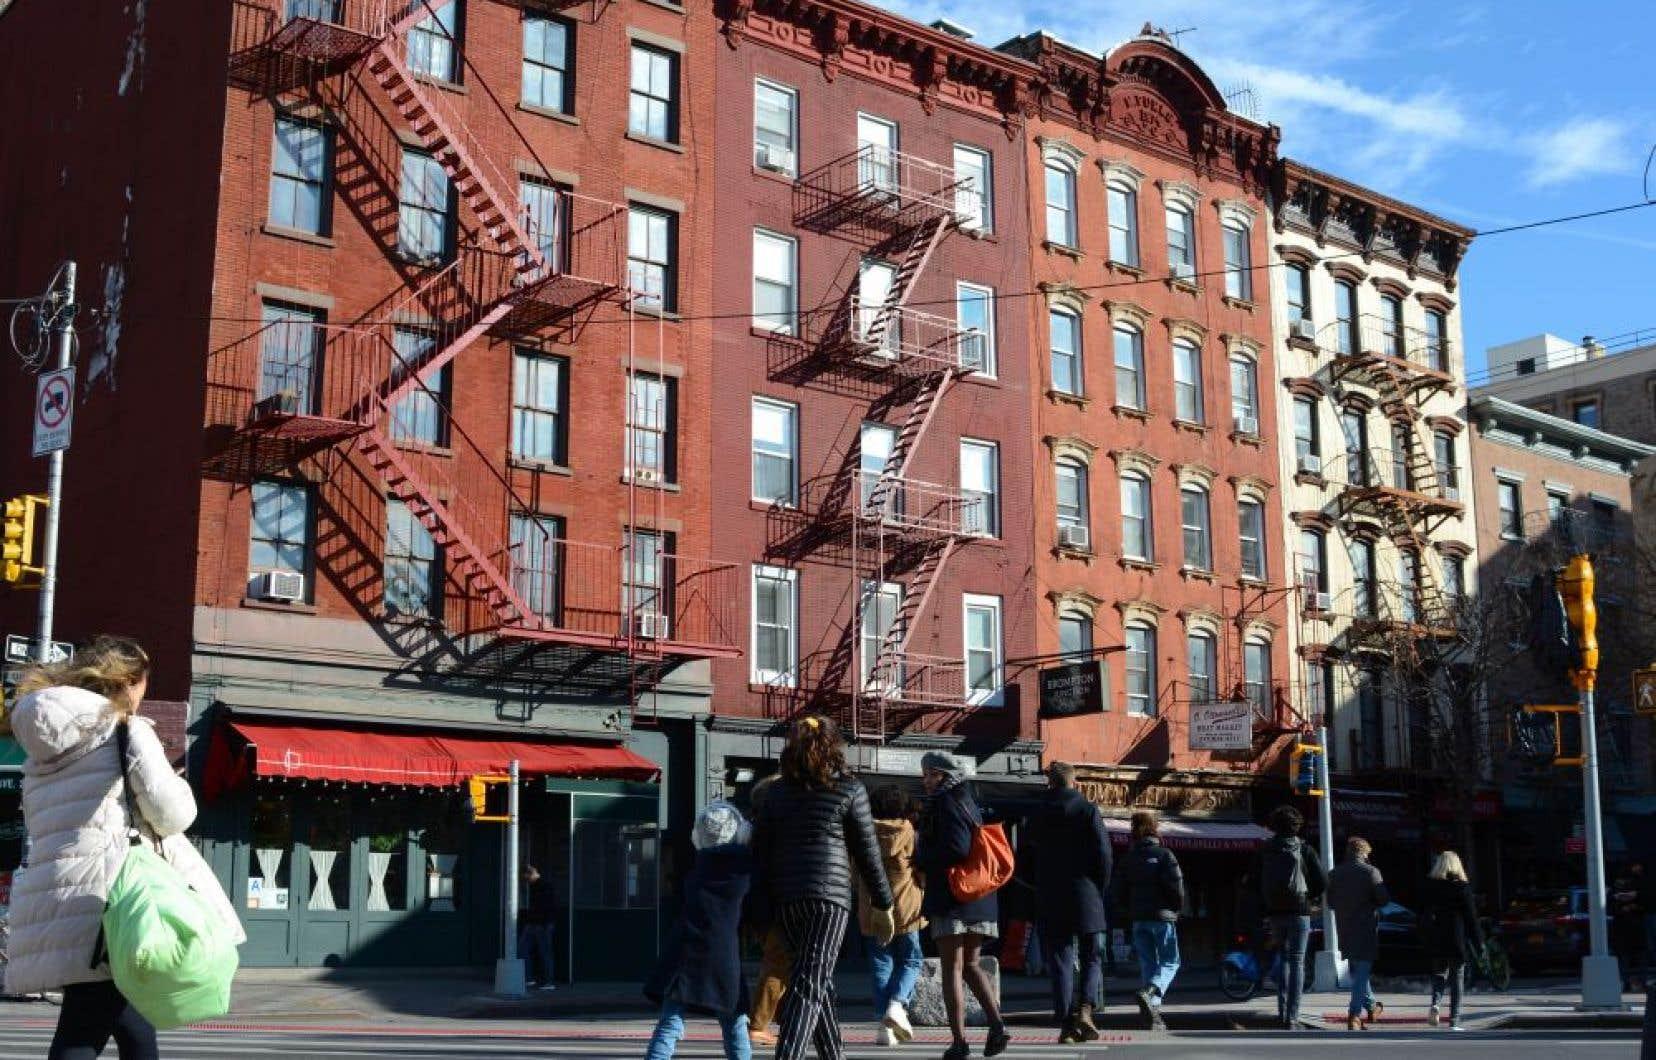 Les édifices en briques rouges de trois, quatre ou cinq étages de Greenwich Village